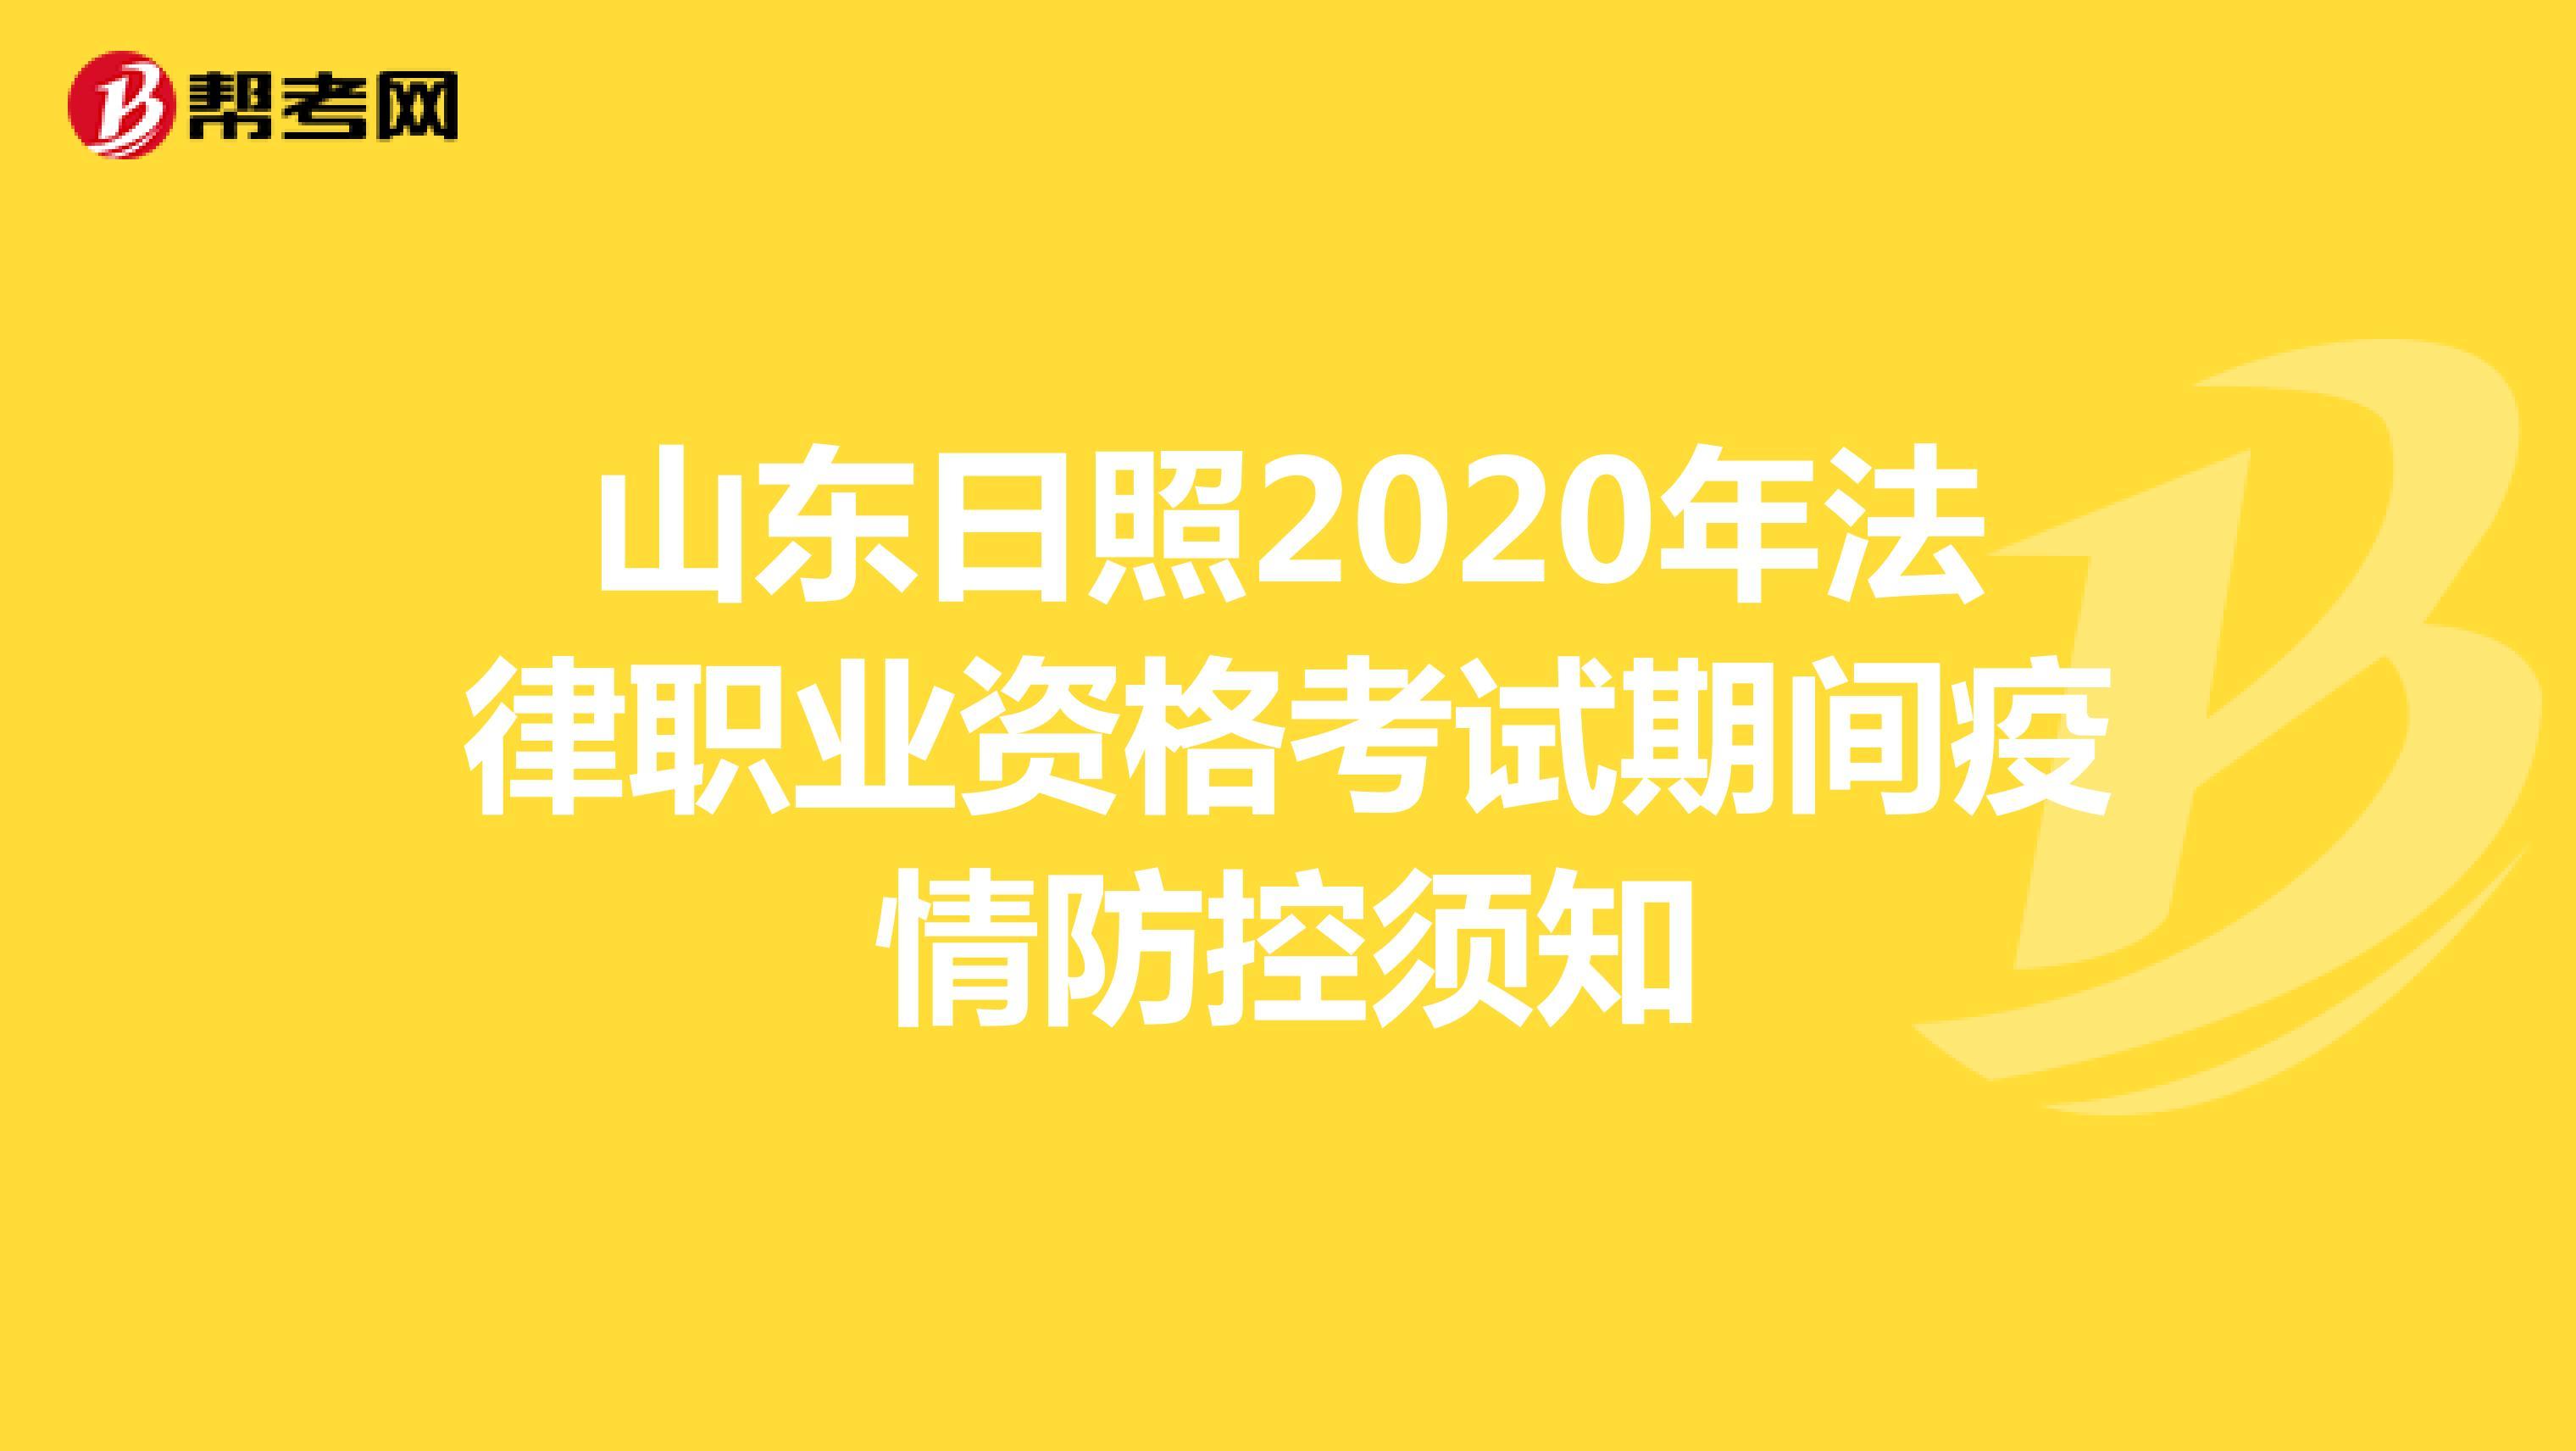 山东日照2020年法律职业资格考试期间疫情防控须知